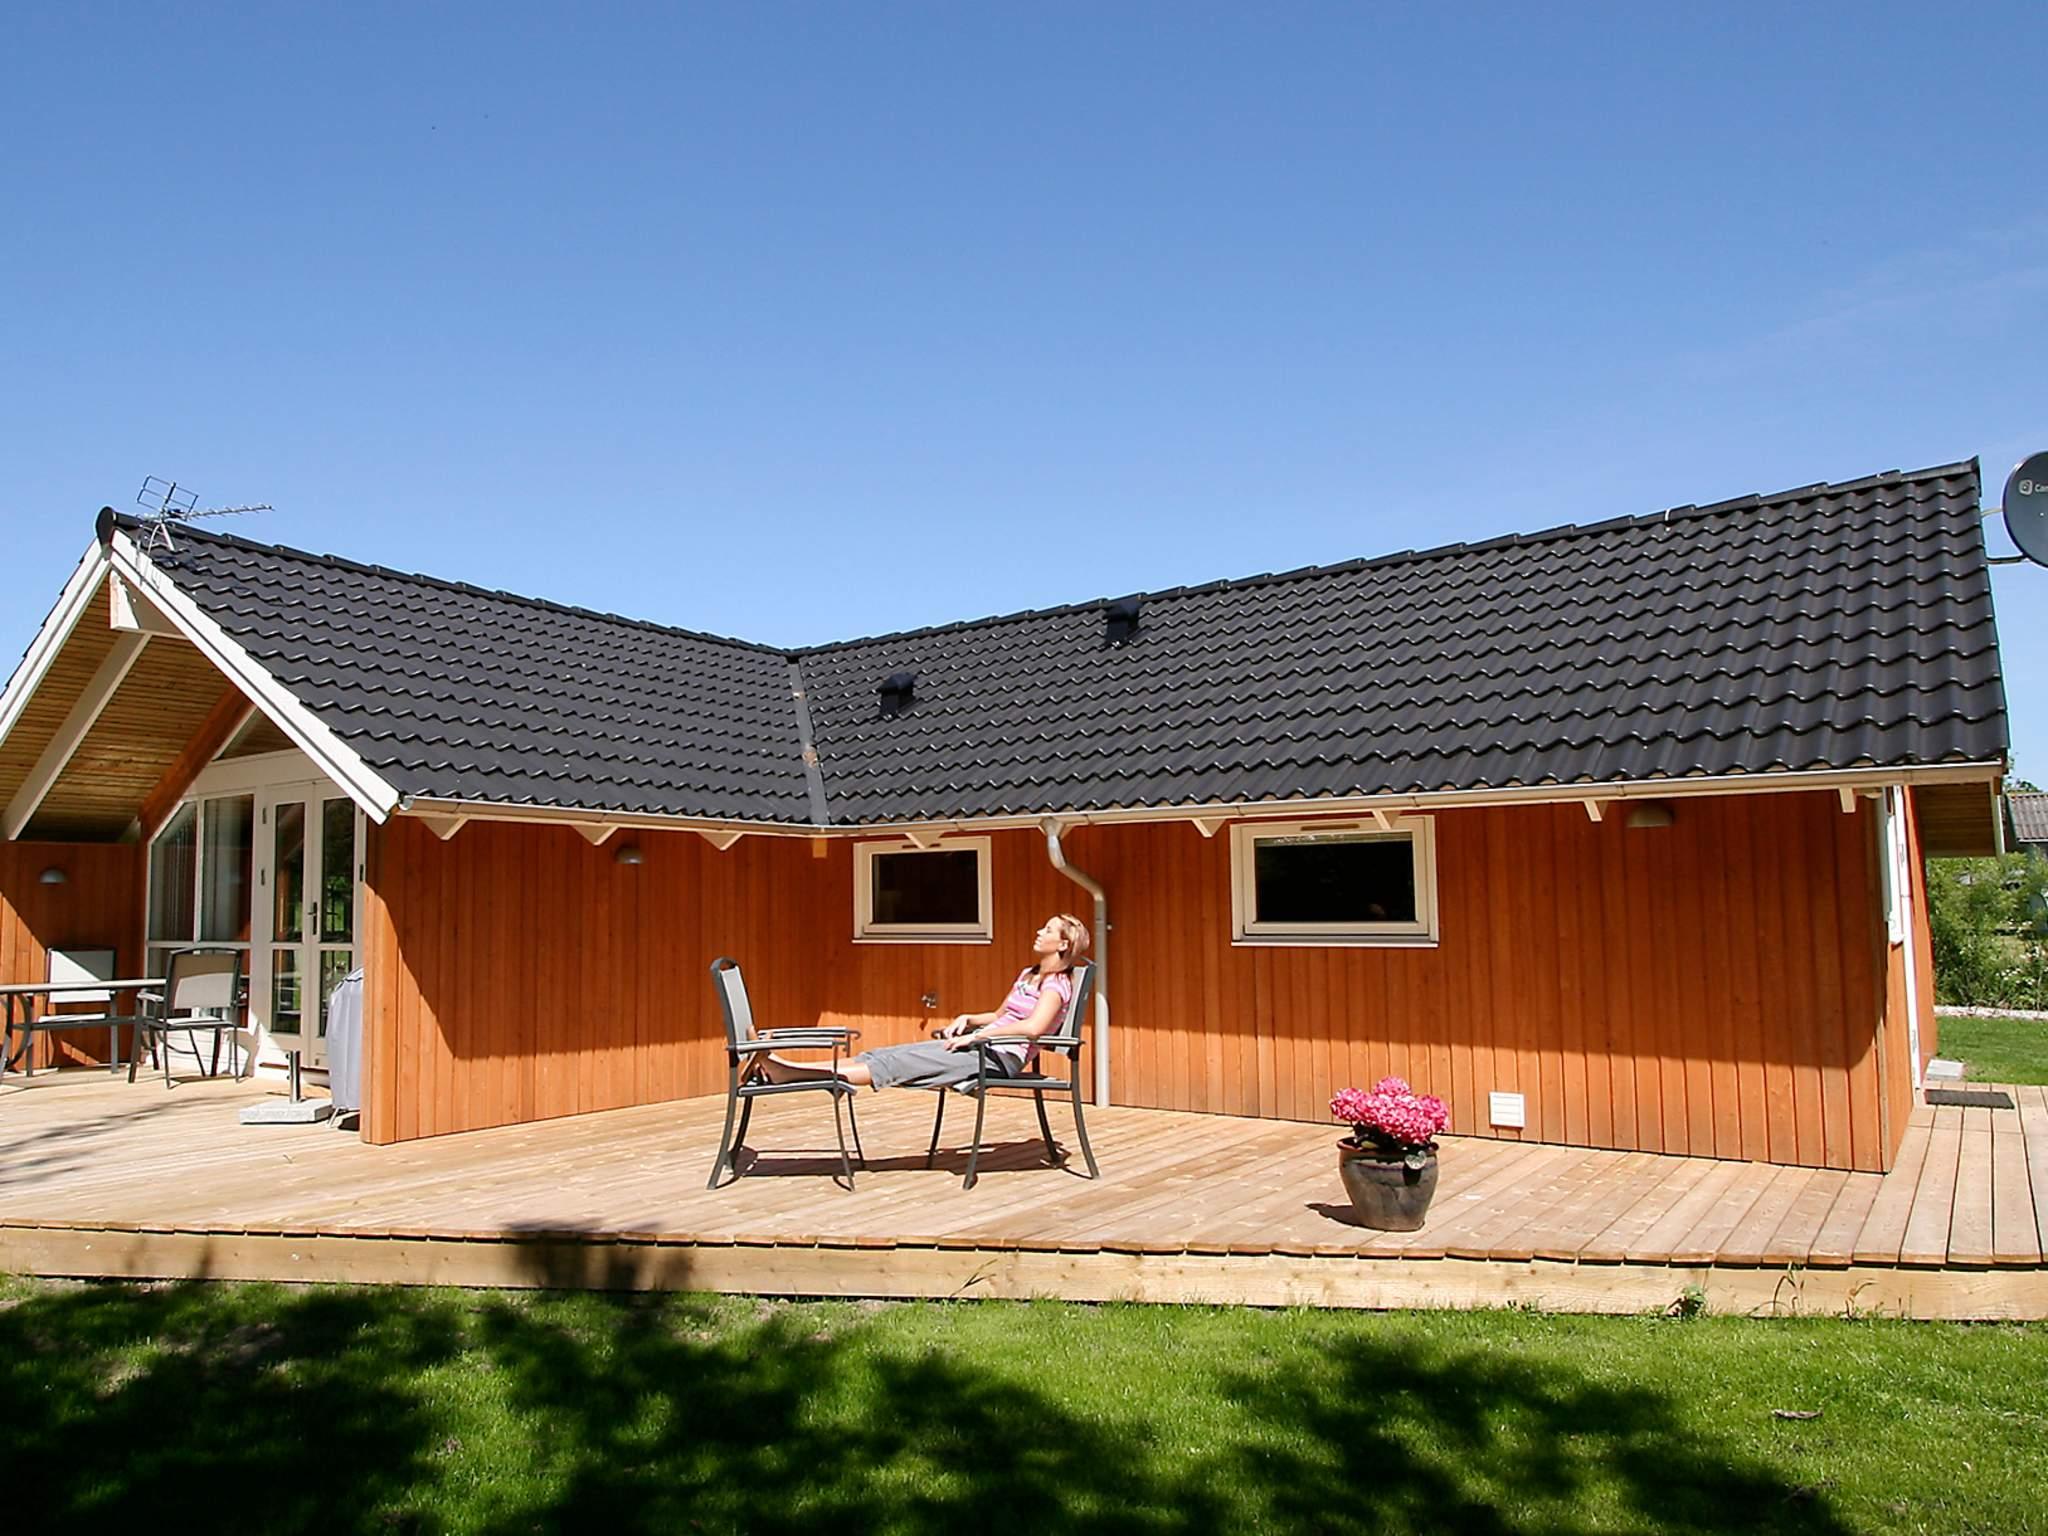 Ferienhaus Handbjerg (825571), Handbjerg, , Westjütland, Dänemark, Bild 21